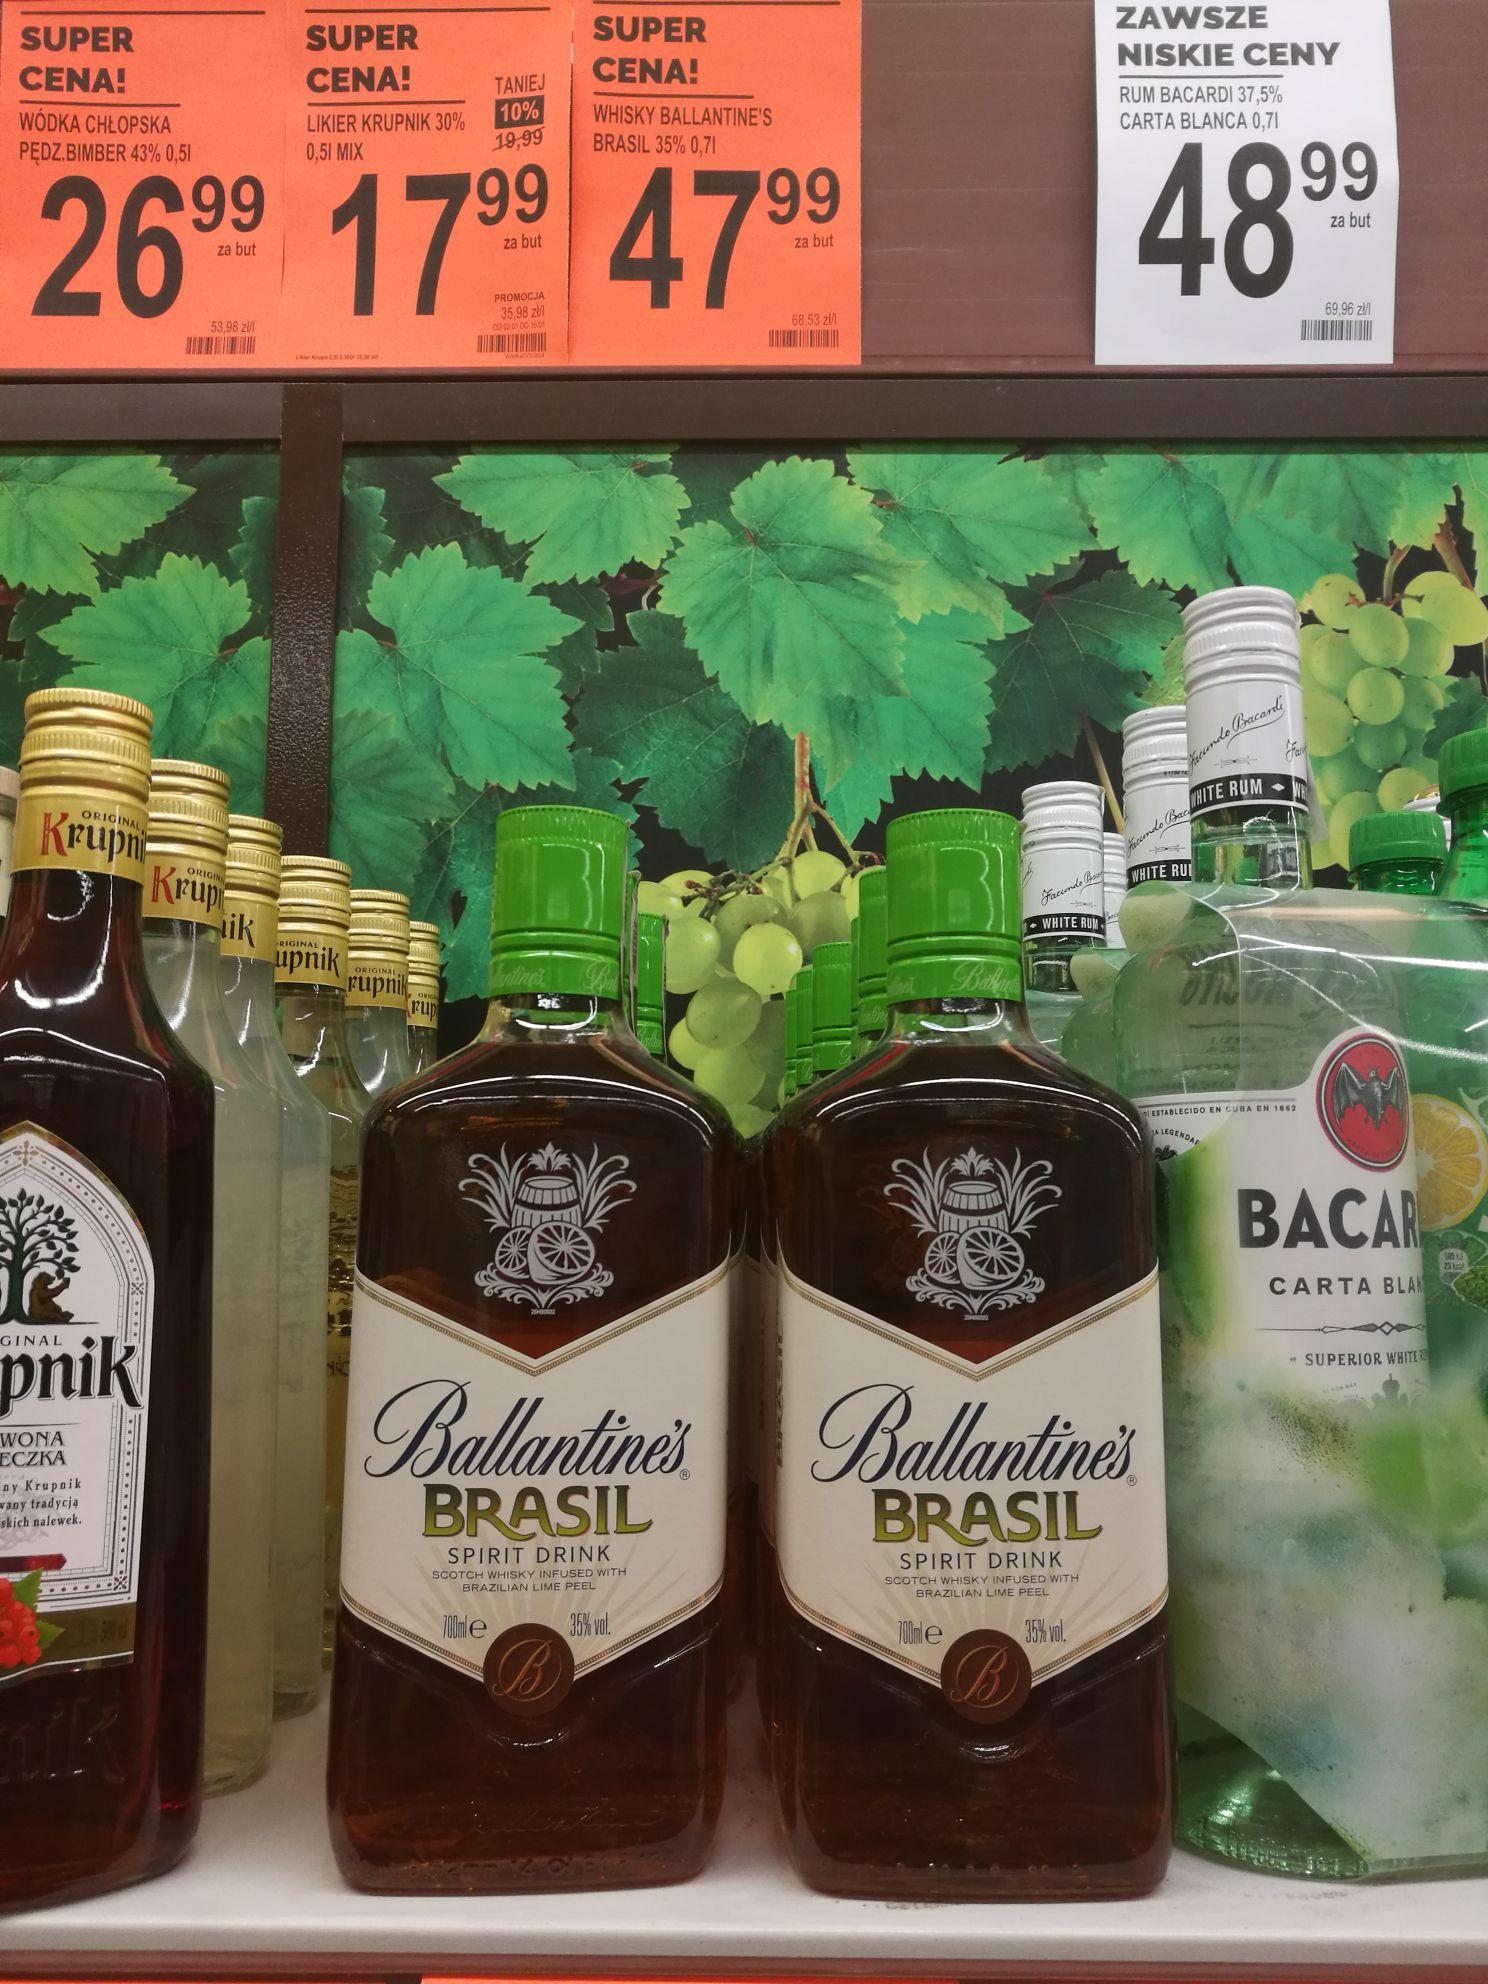 Whisky Ballantines Brasil 0,7 w fajnej cenie